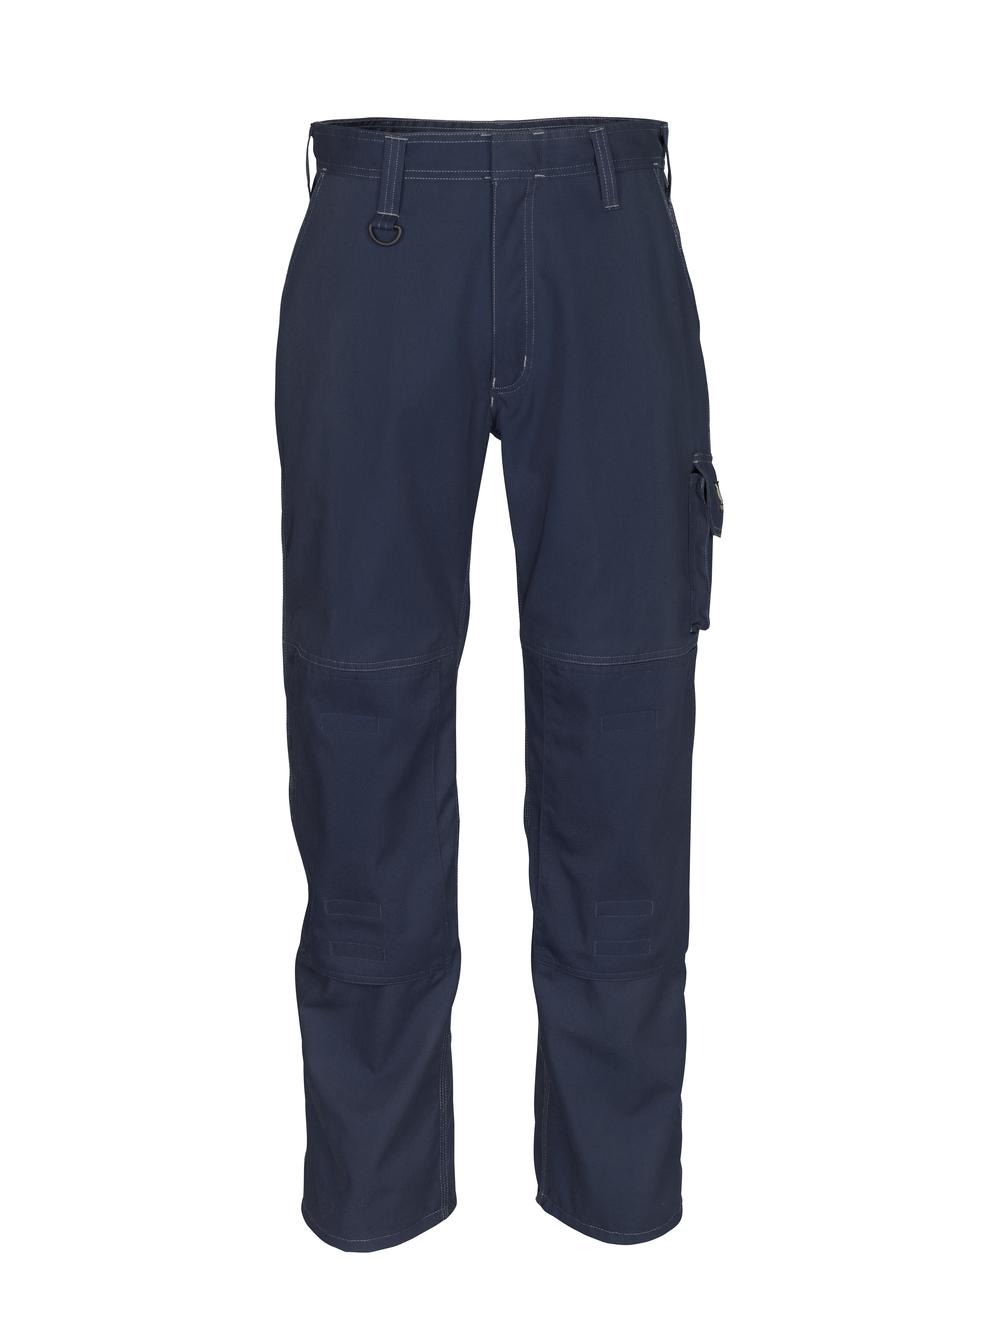 12355-630-010 Arbeitshose - Schwarzblau